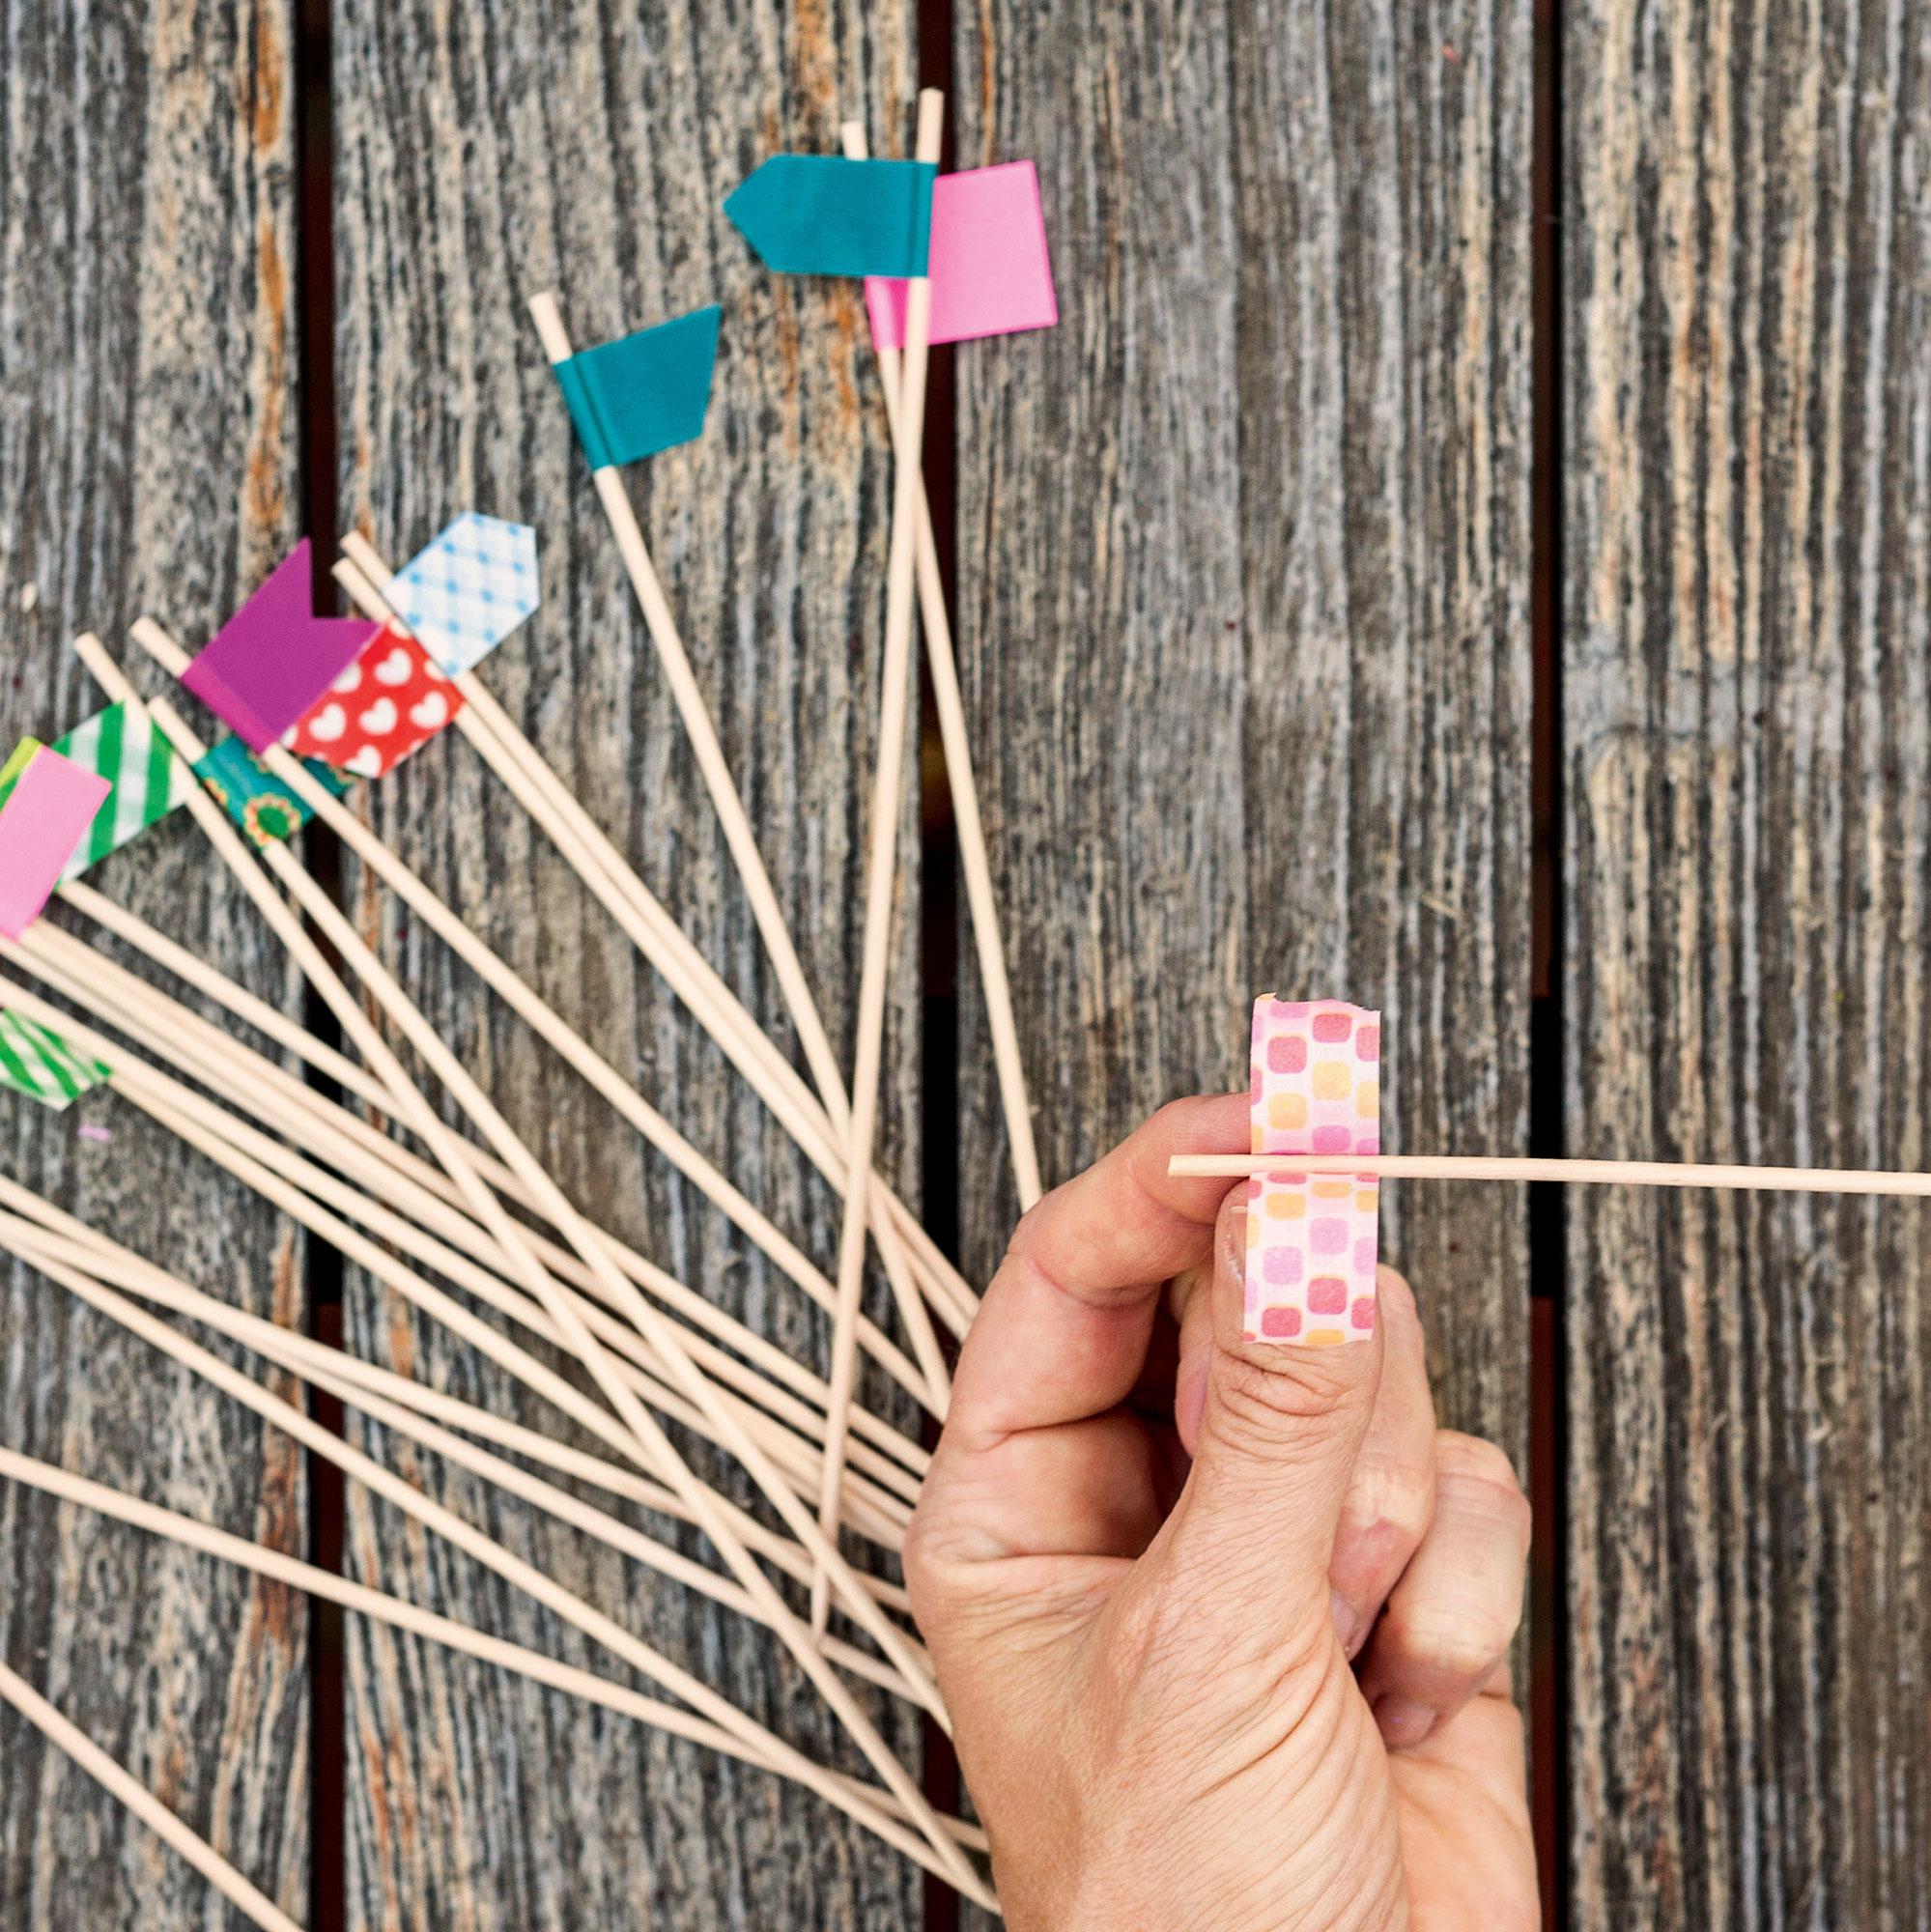 hacer banderines de papel Cmo Hacer Mini Banderines Y Mini Gurinaldas Con Washi Tape